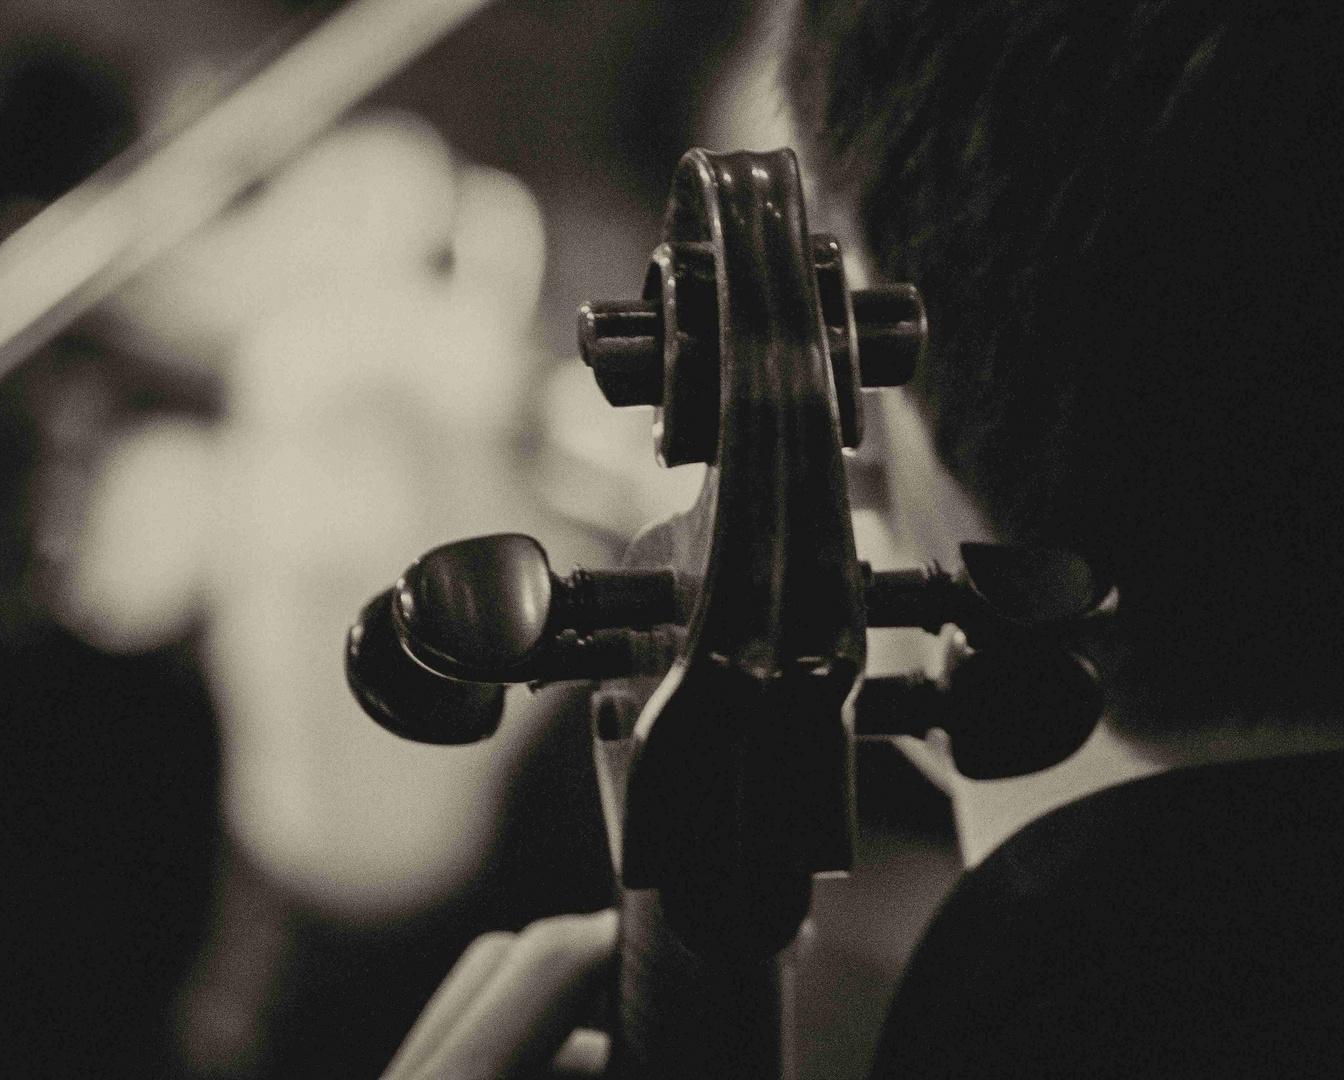 Konzert in der Remise # 75